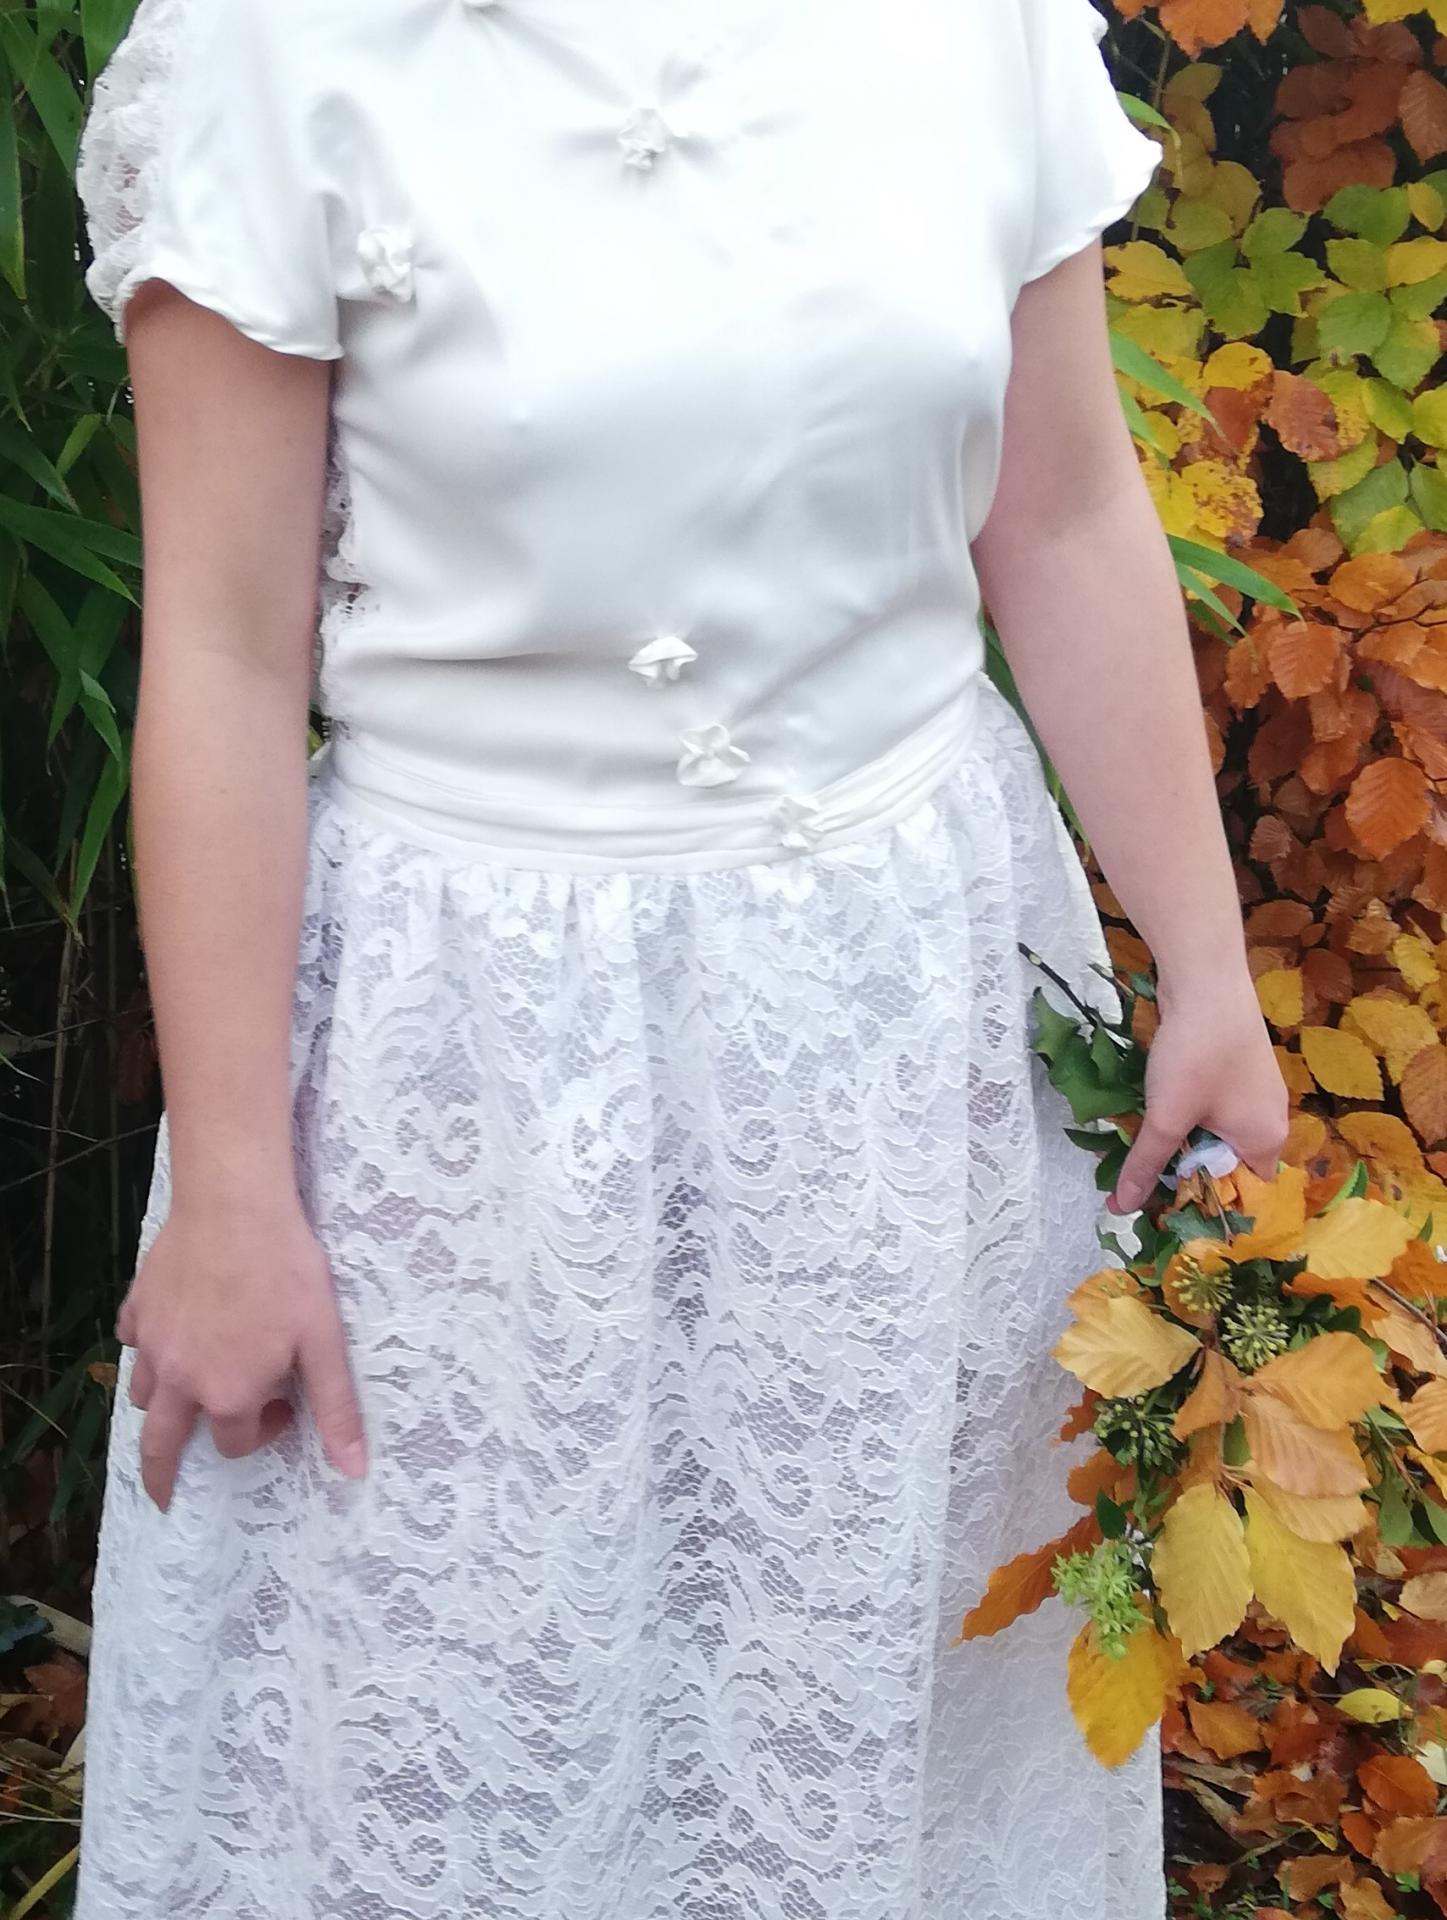 Robe de mariee reversible dentelle tulle et viscose rose faconnee a la main avec un coeur de nacre couronne fleurs et plumes fifi au jardin pose 17